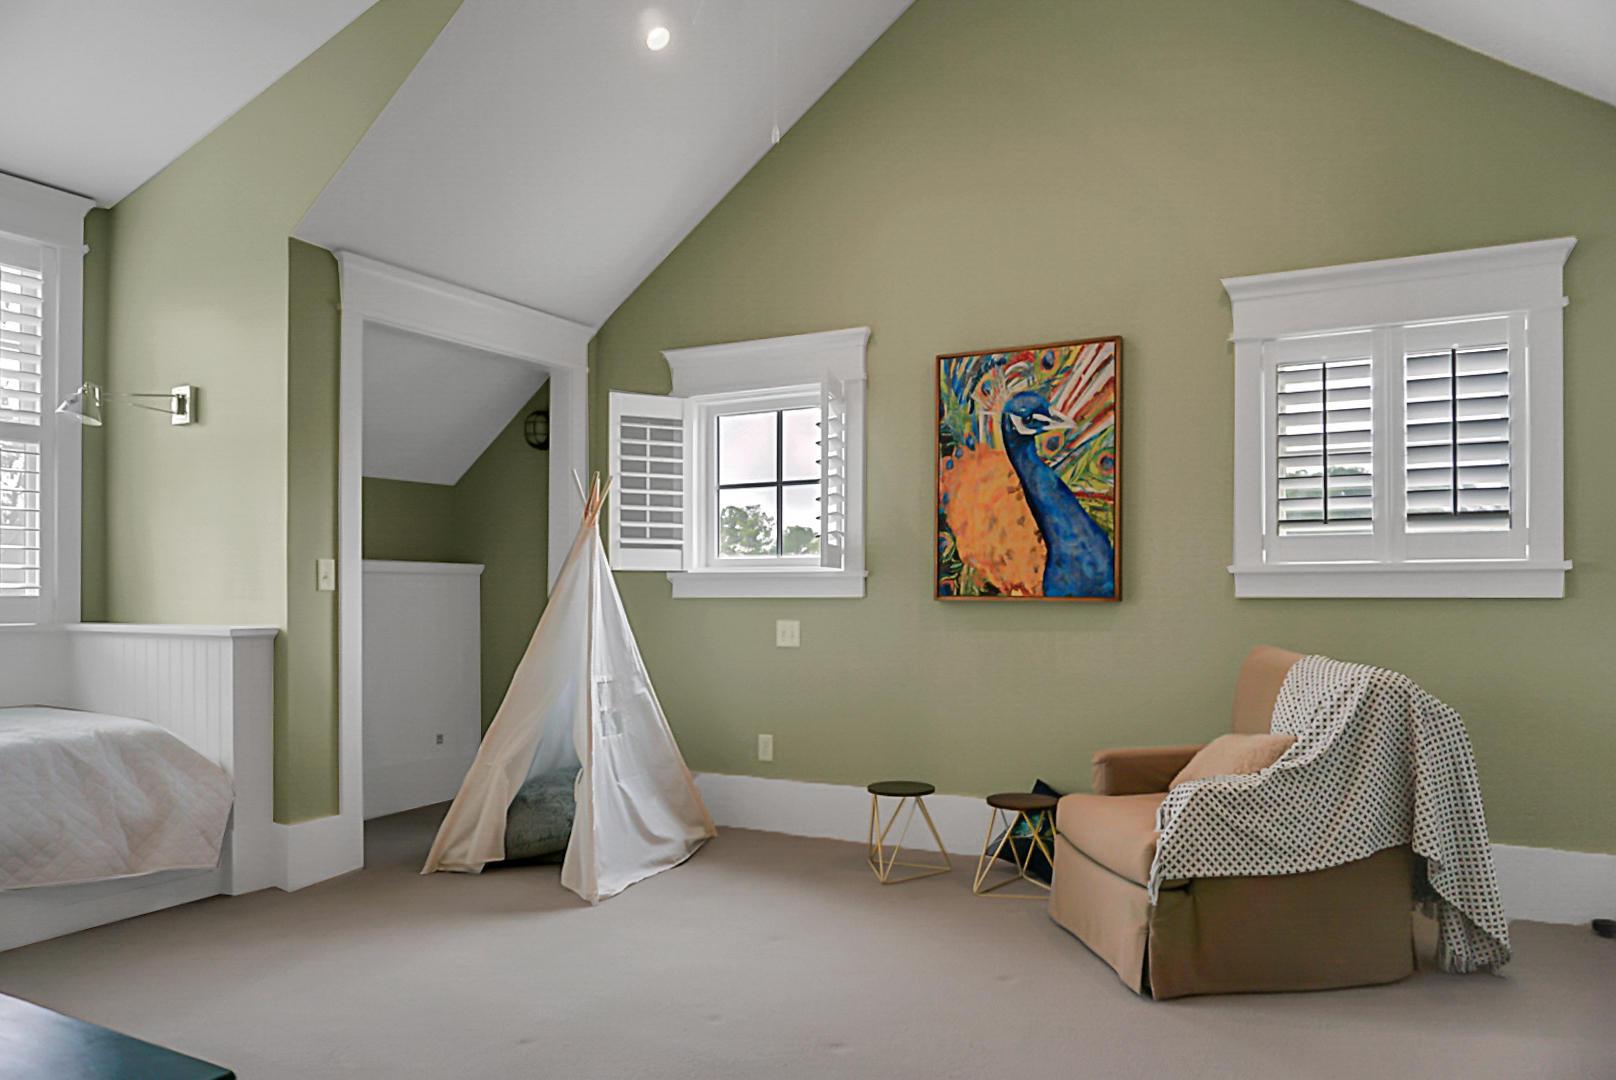 Dunes West Homes For Sale - 2978 River Vista, Mount Pleasant, SC - 86